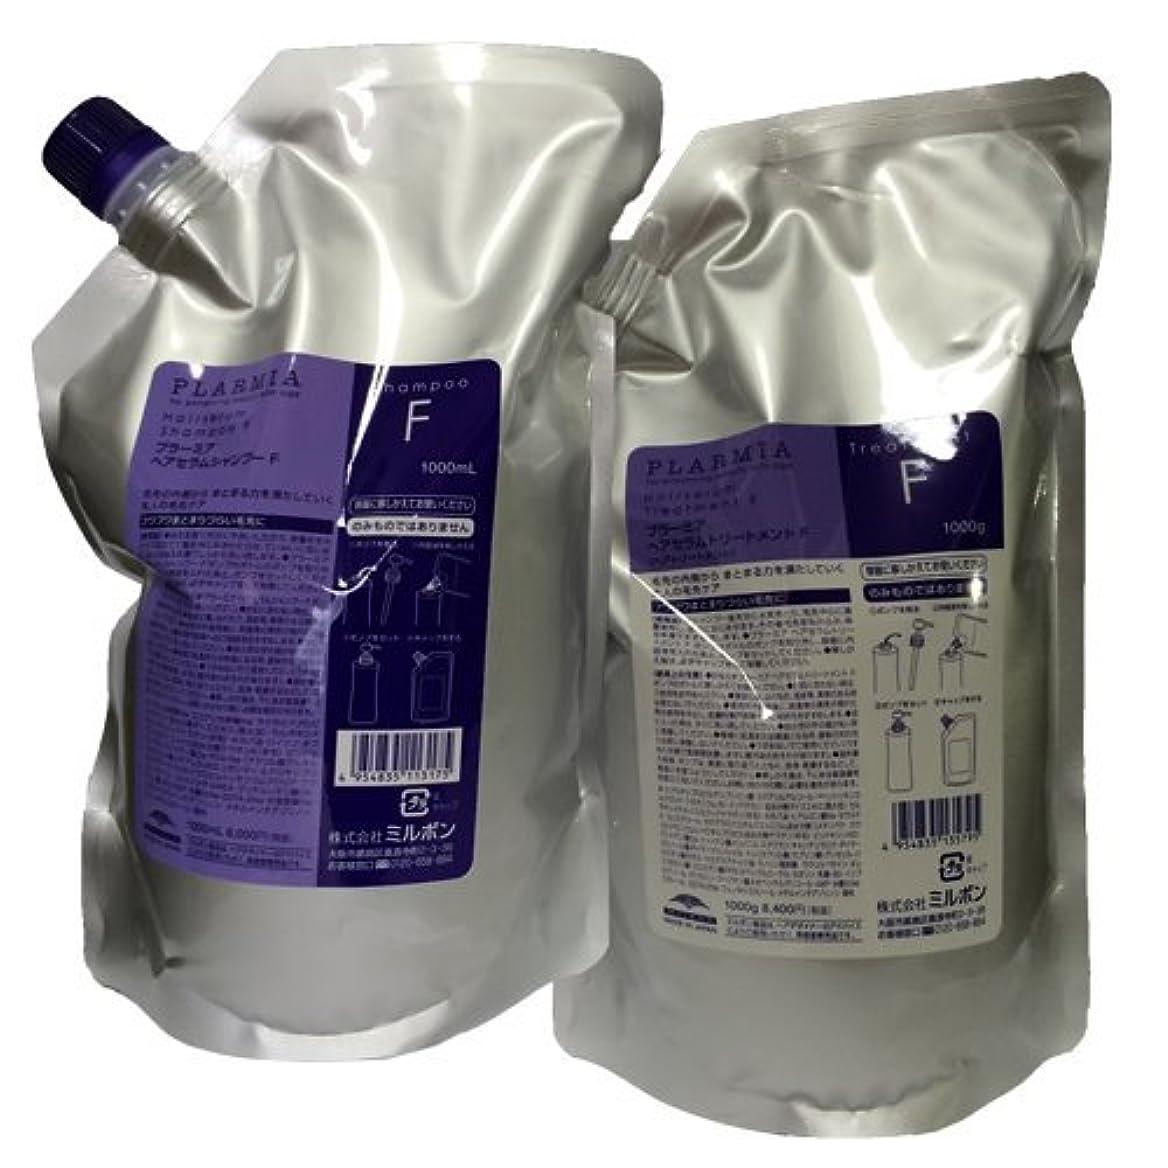 ぬいぐるみ小売満了ミルボン MILBON プラーミア ヘアセラム シャンプーF&トリートメントF 各1000mL レフィルセット